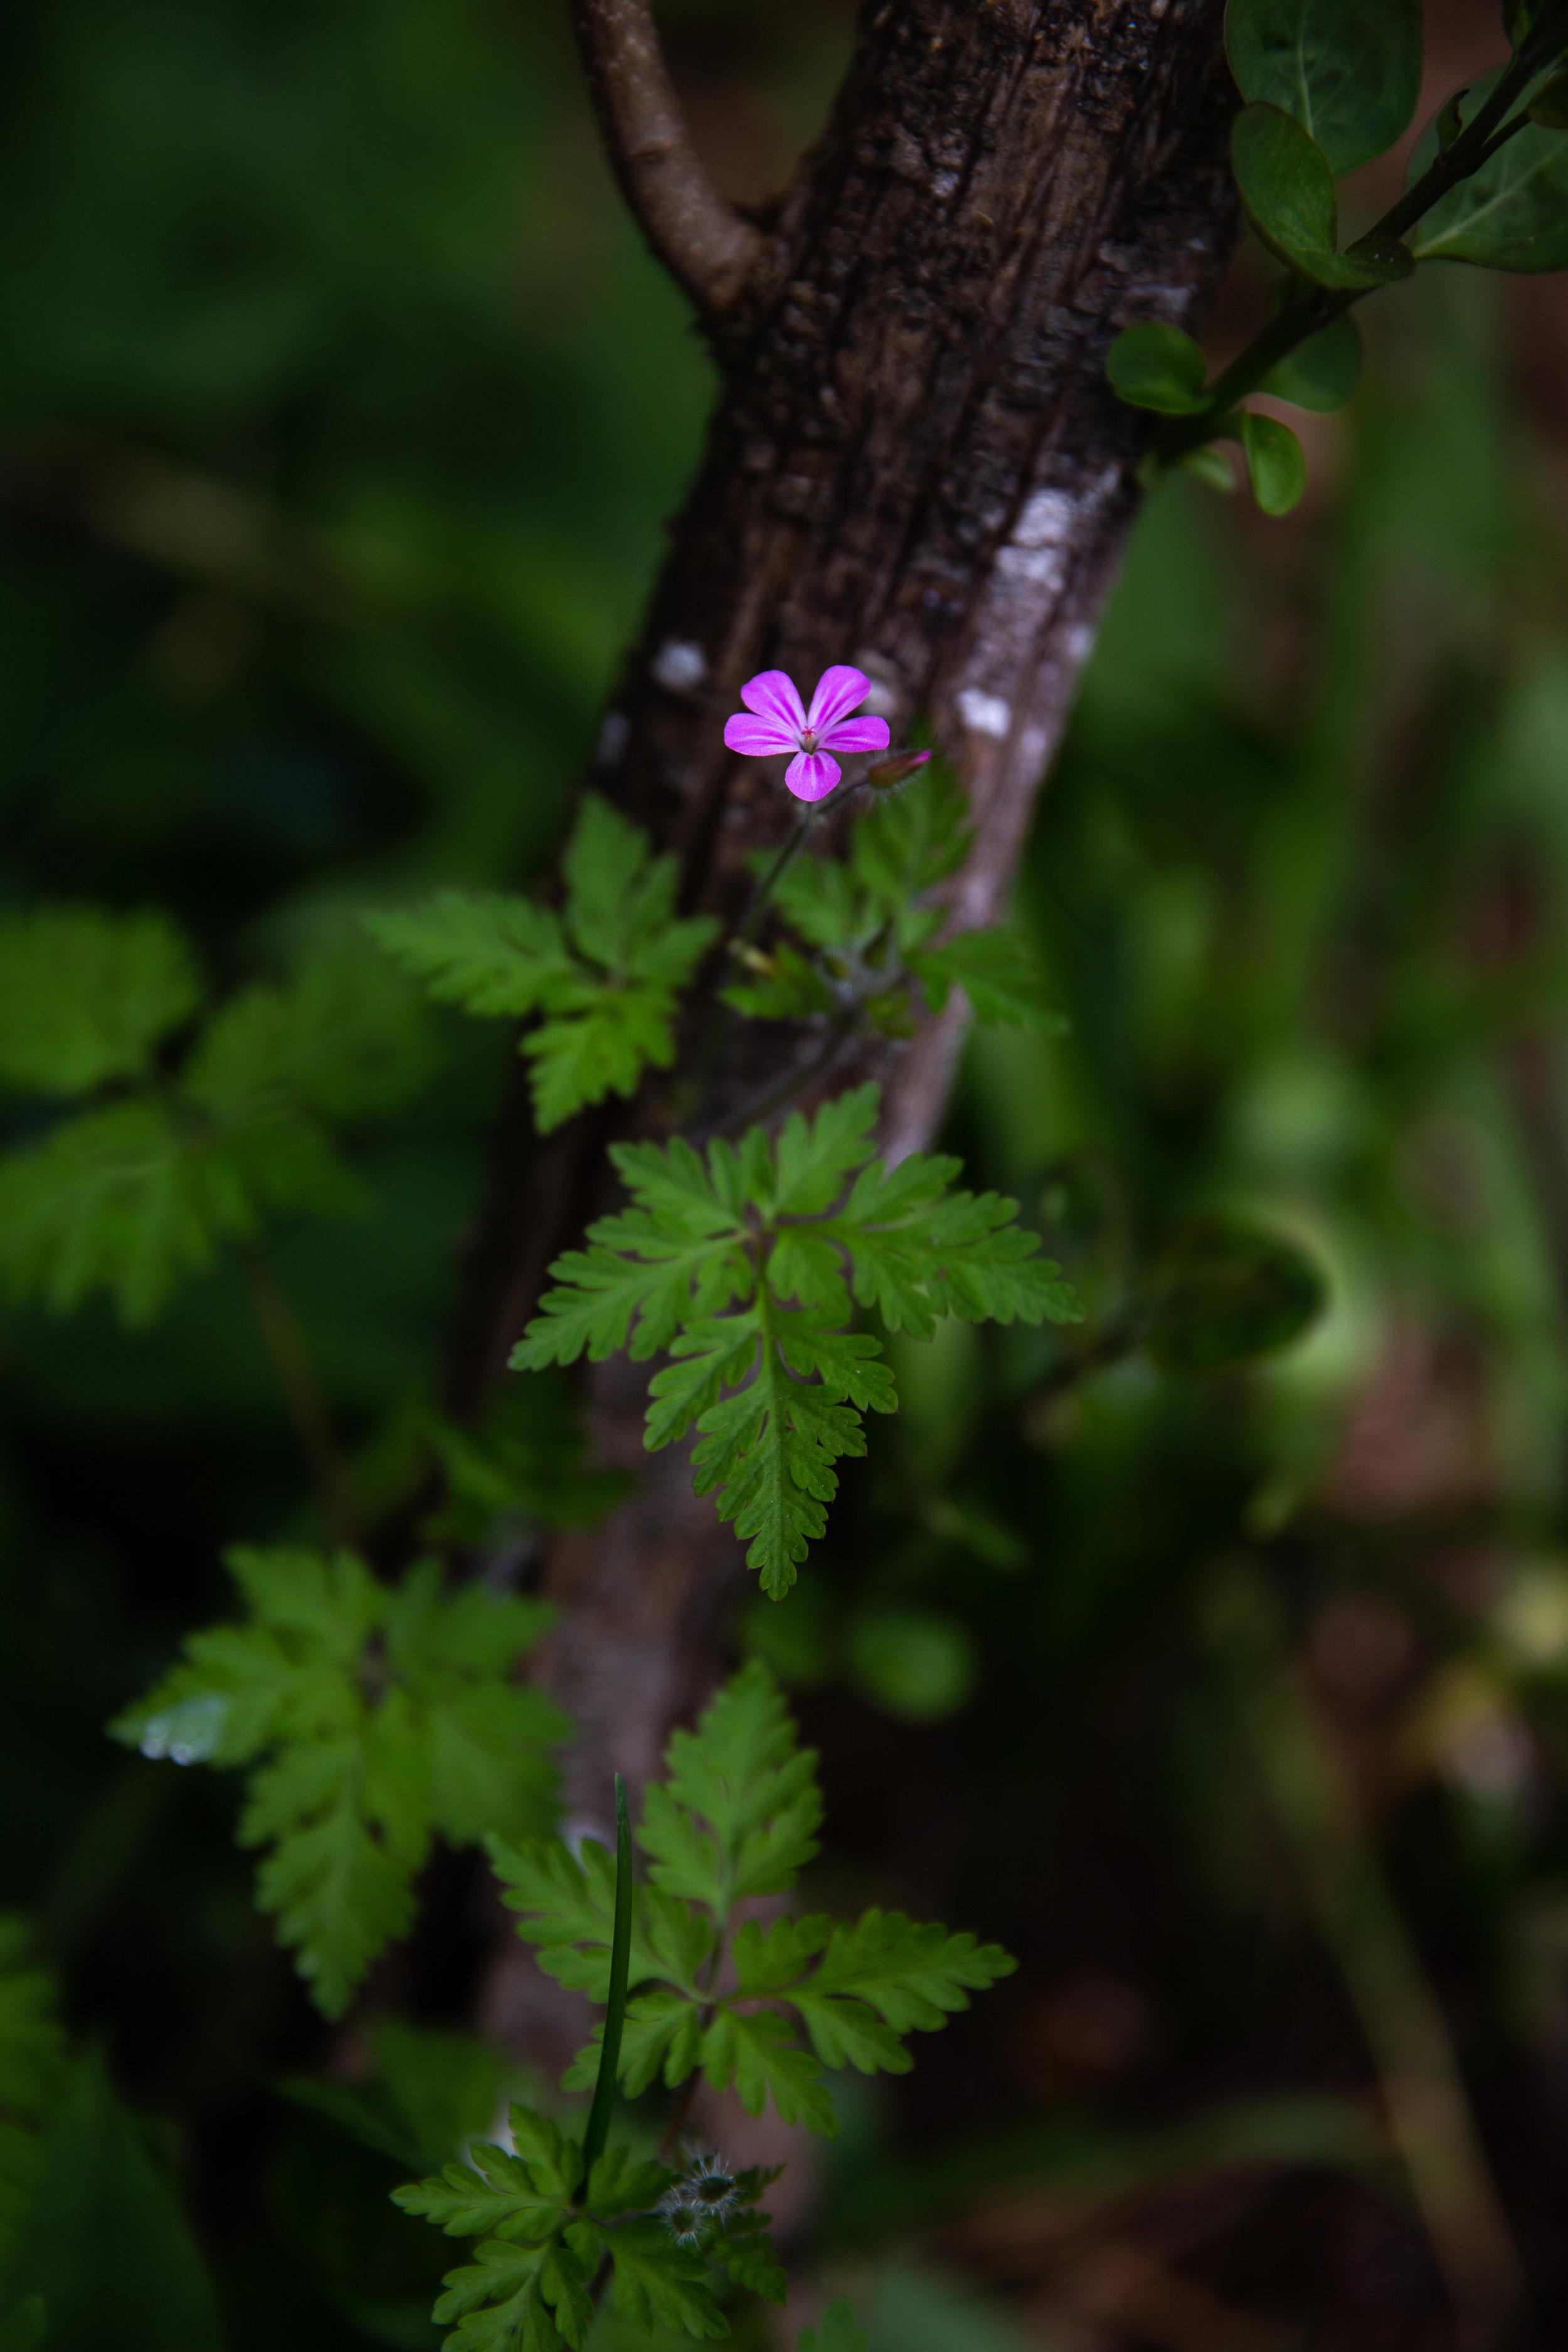 may 7 otis garden flowers oly 2018 5 star edits jenny l miller (67 of 368).jpg